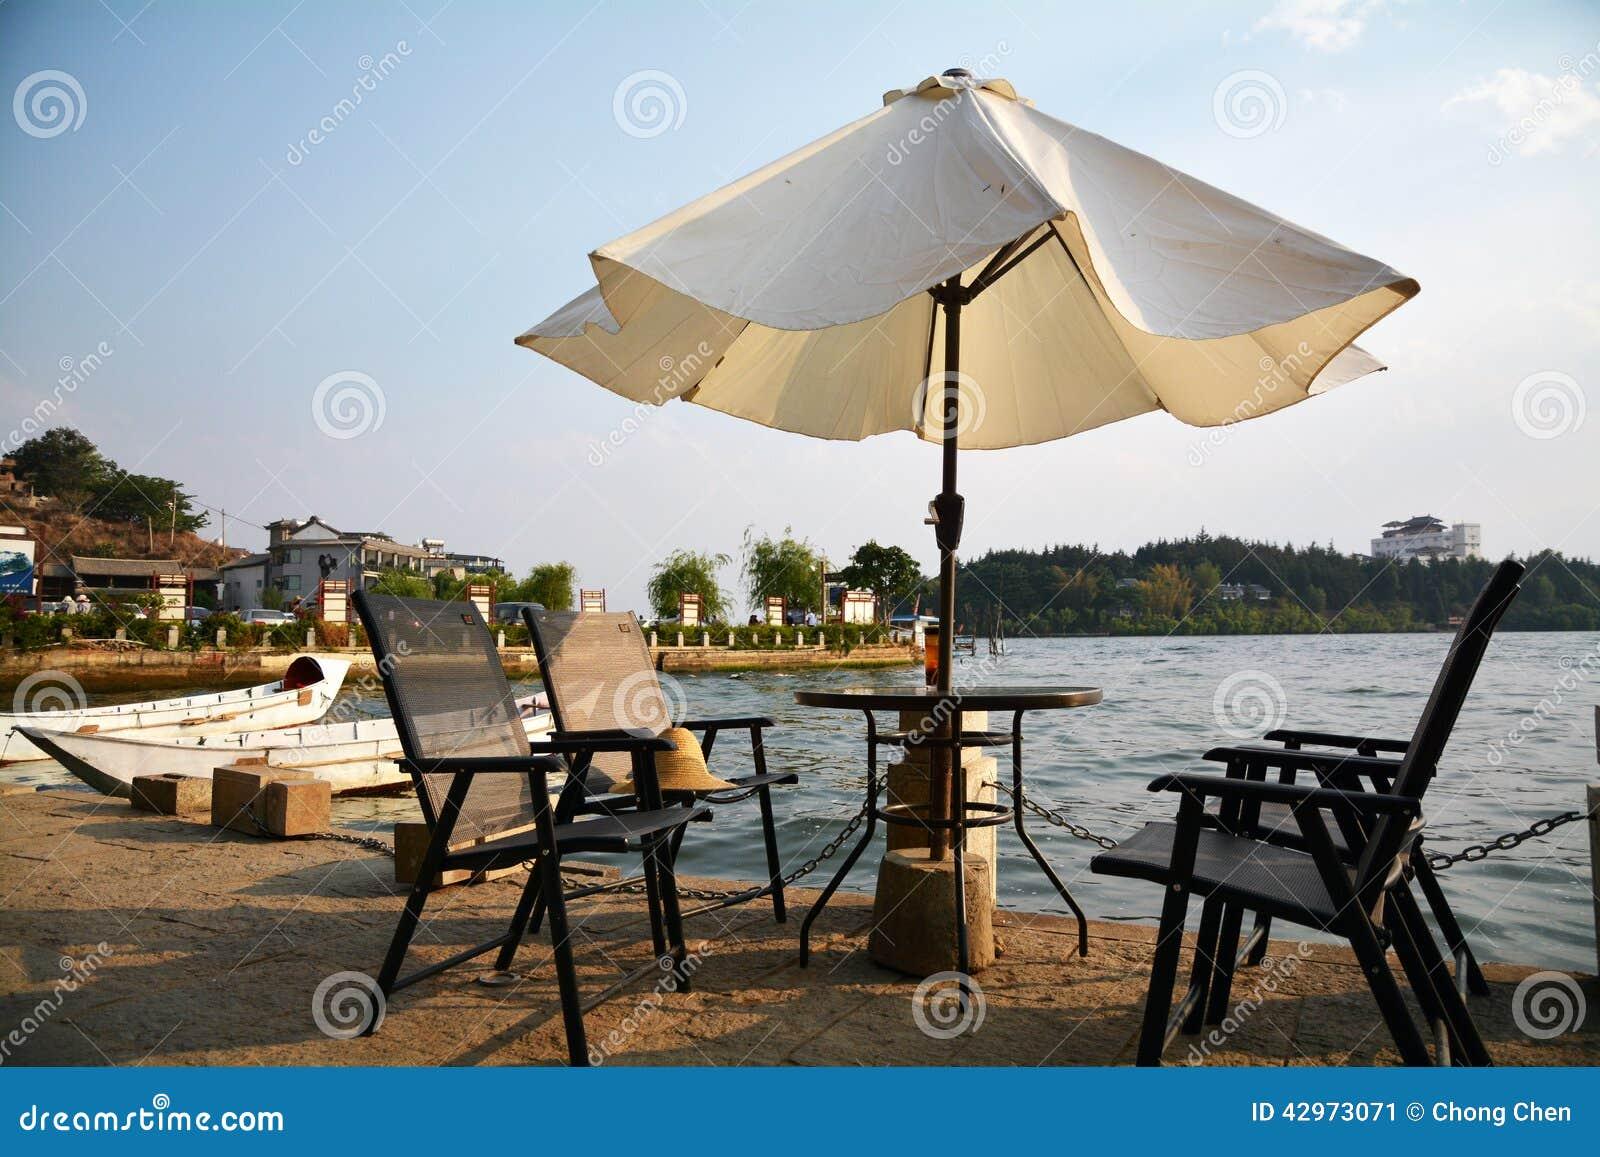 Parasole e sedie dal lago immagine stock immagine di lago for Sedie lago prezzi